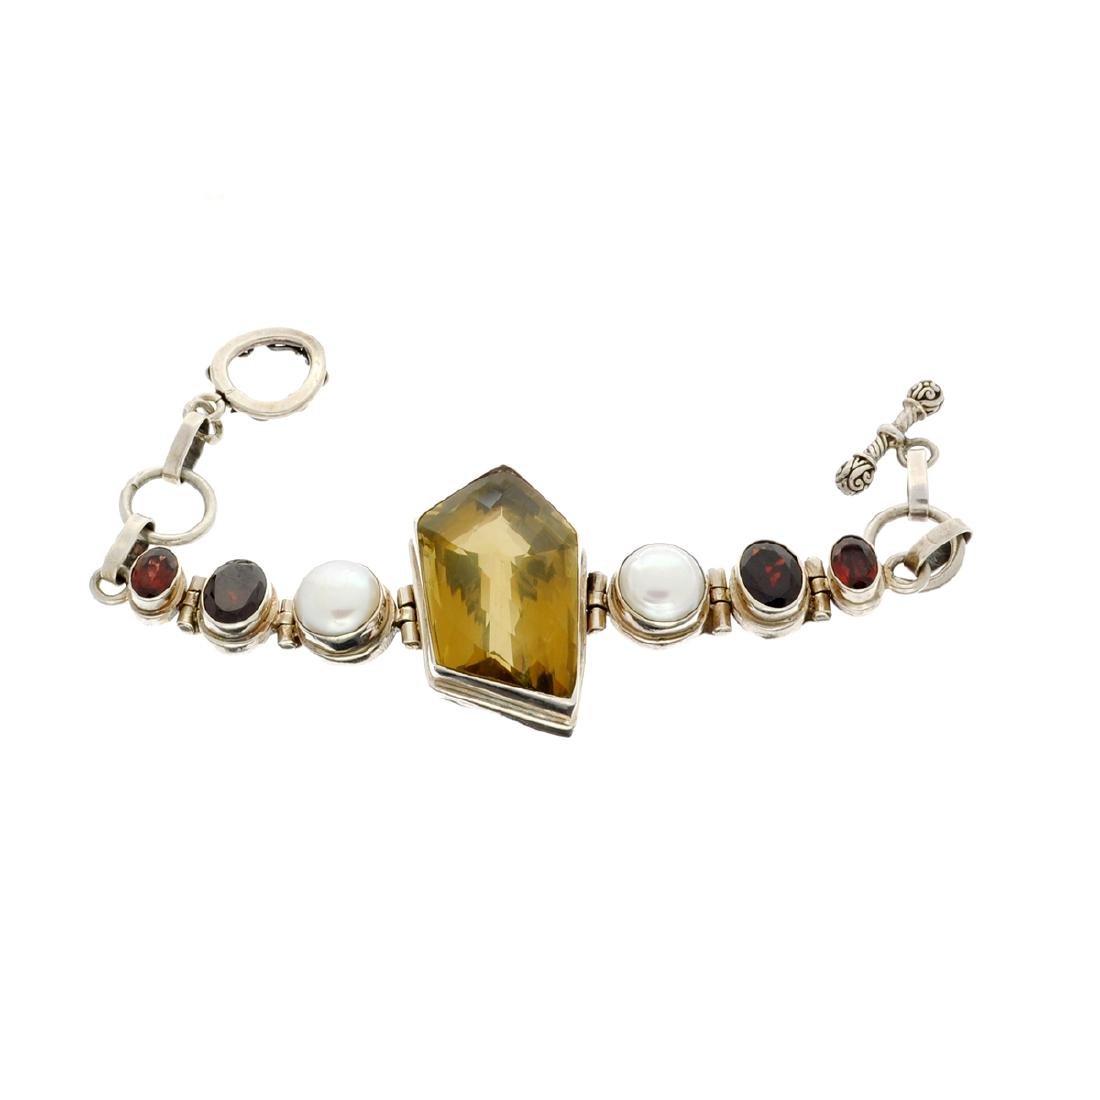 Rare 39.54GR Vintage, Smoky Quartz / Garnet And Pearls